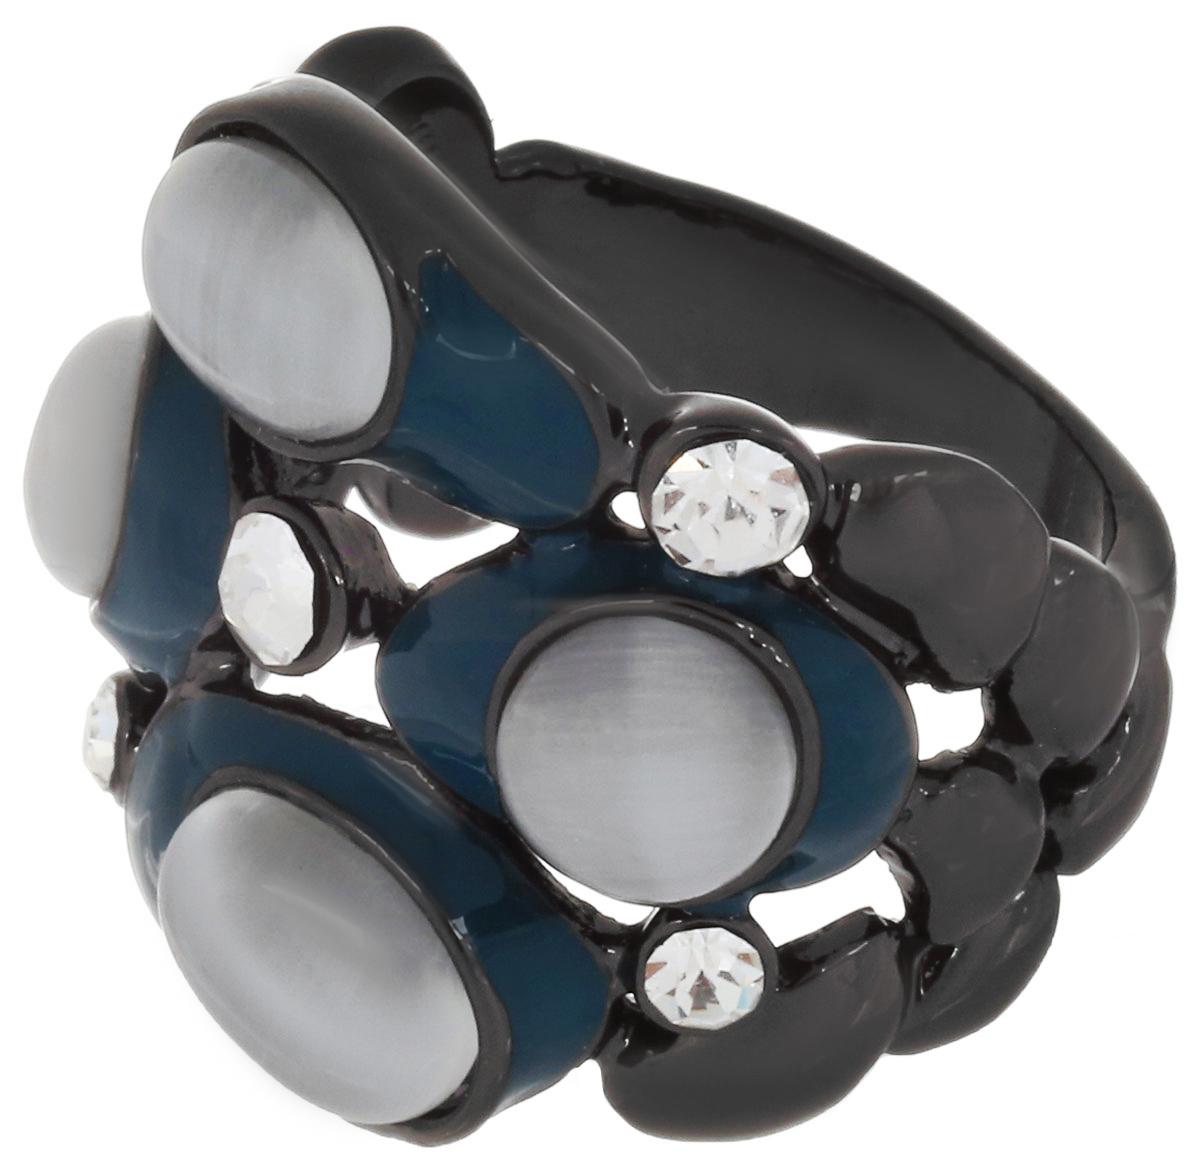 Кольцо Art-Silver, цвет: антрацитовый, серый, темно-бирюзовый. 066762-904-586. Размер 17,5066762-904-586Великолепное кольцо Art-Silver изготовлено из бижутерного сплава. Изделие дополнено цирконами, натуральными камнями кошачий глаз и вставками из эмали. Стильное кольцо придаст вашему образу изюминку и подчеркнет индивидуальность.